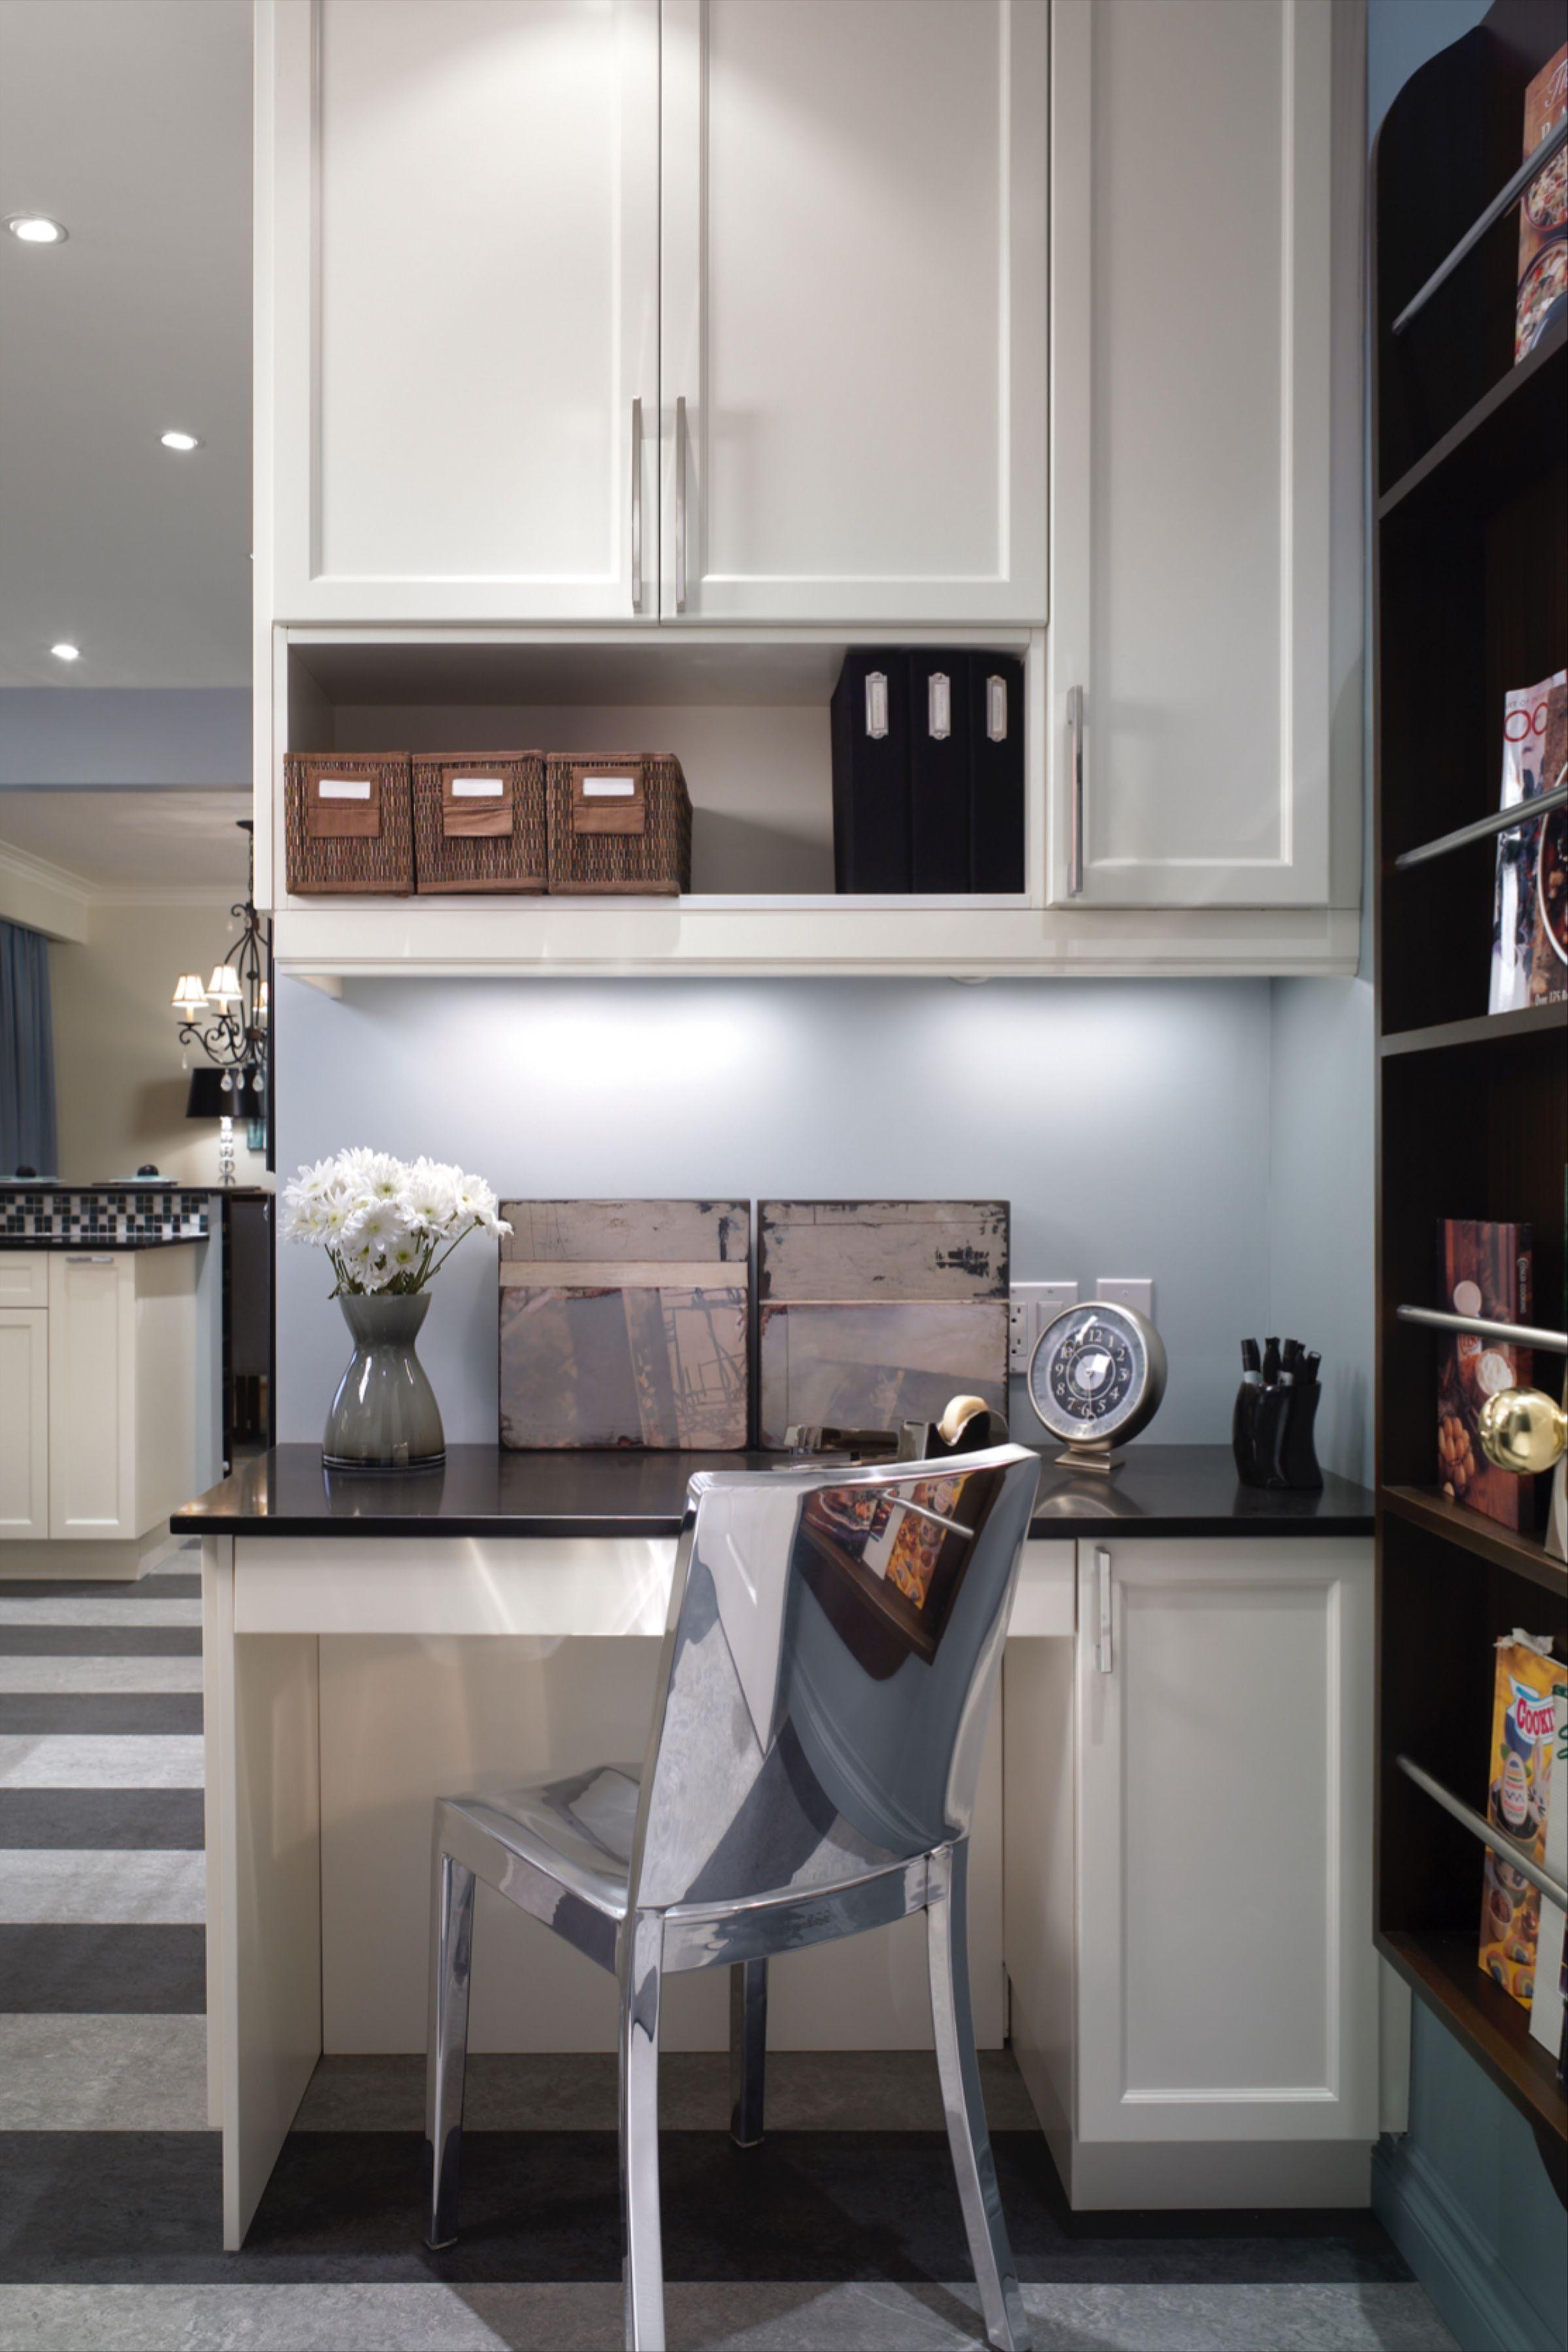 Candice Olson On Kitchen Desk Design In 2020 Classic Kitchen Design Kitchen Desks Desk Design